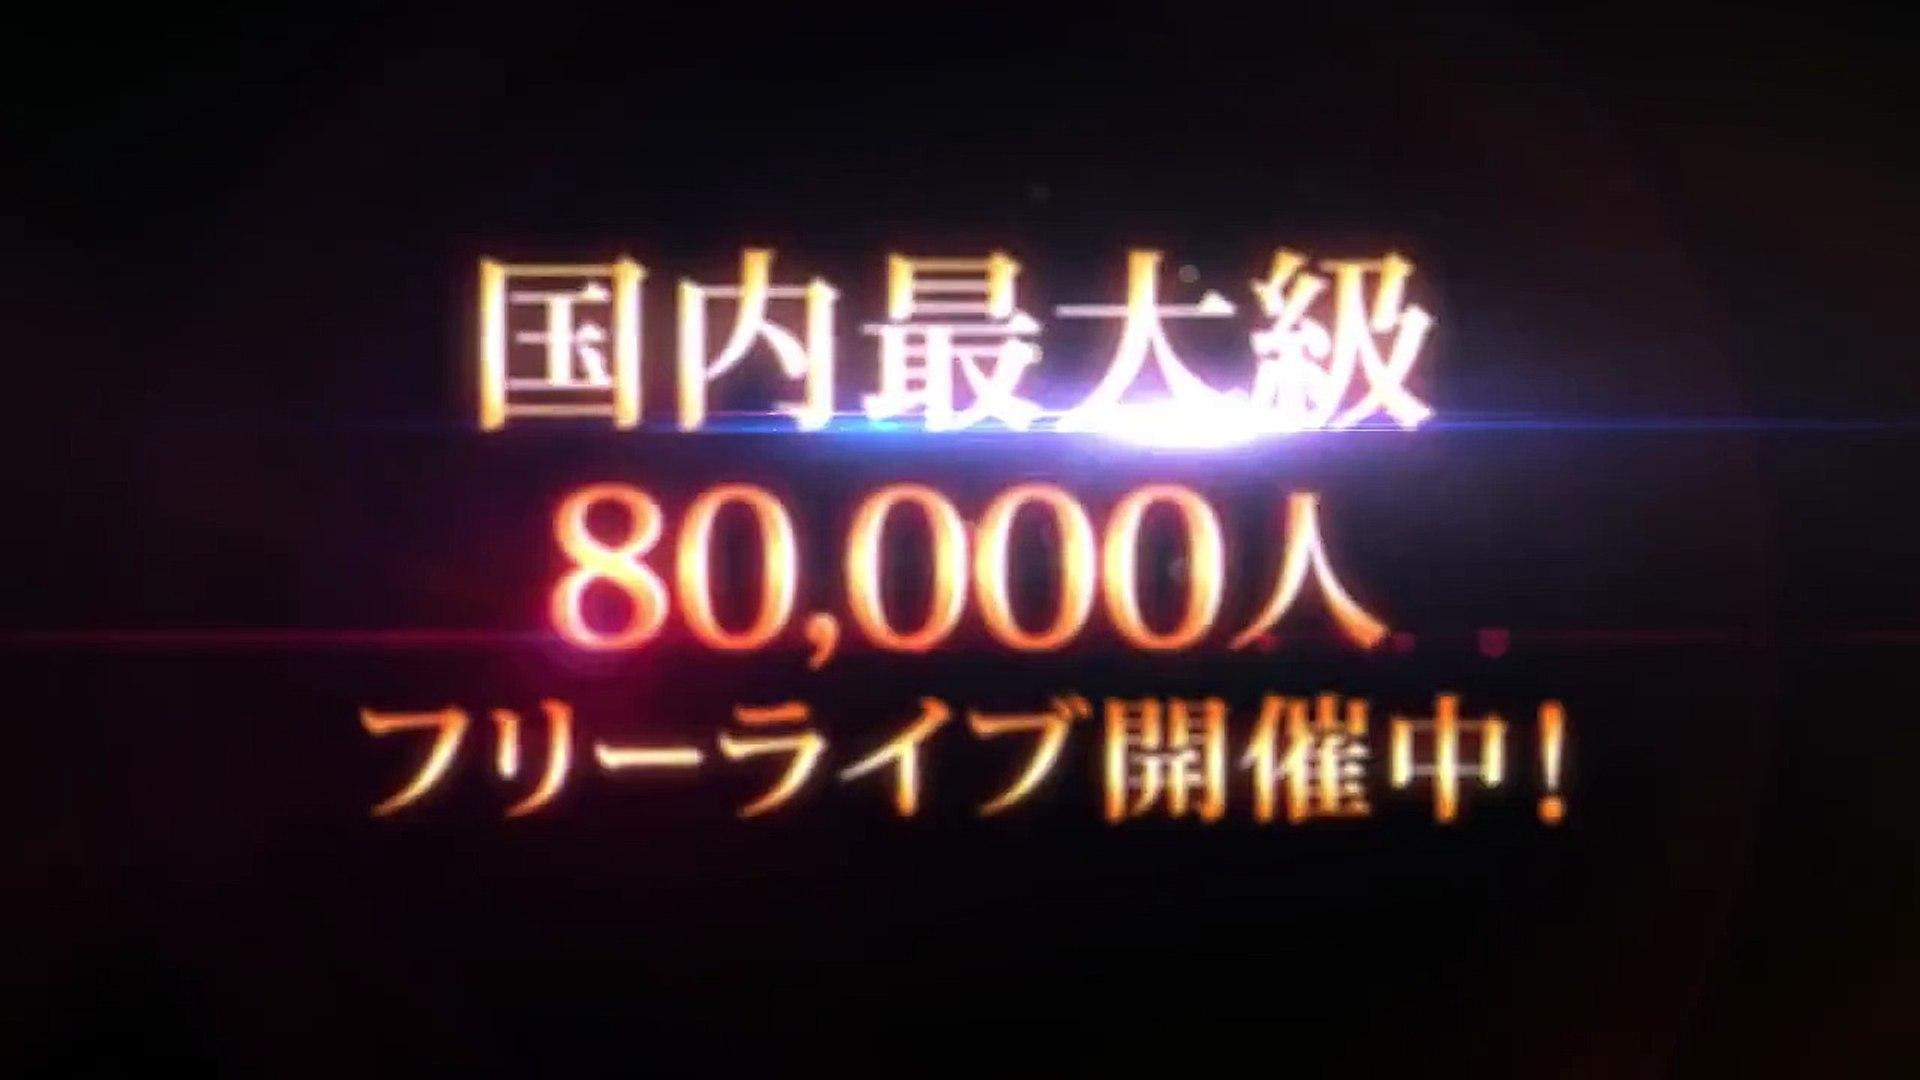 期間限定 Acid Black Cherry 80 000人フリーライブ L エル 30